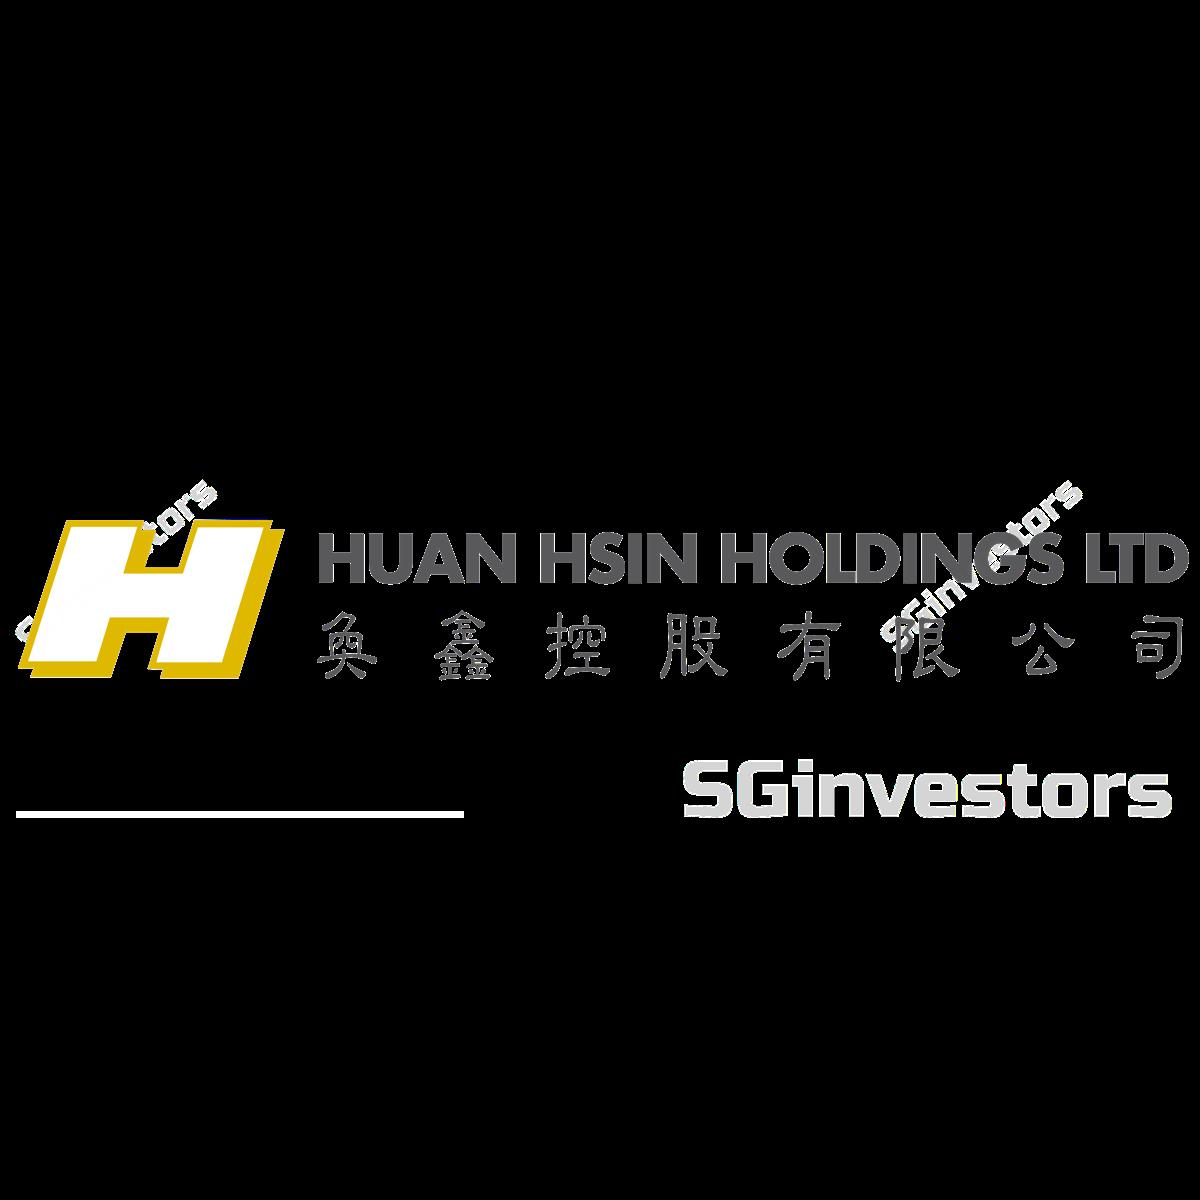 HUAN HSIN HOLDINGS LTD (SGX:H16) @ SGinvestors.io